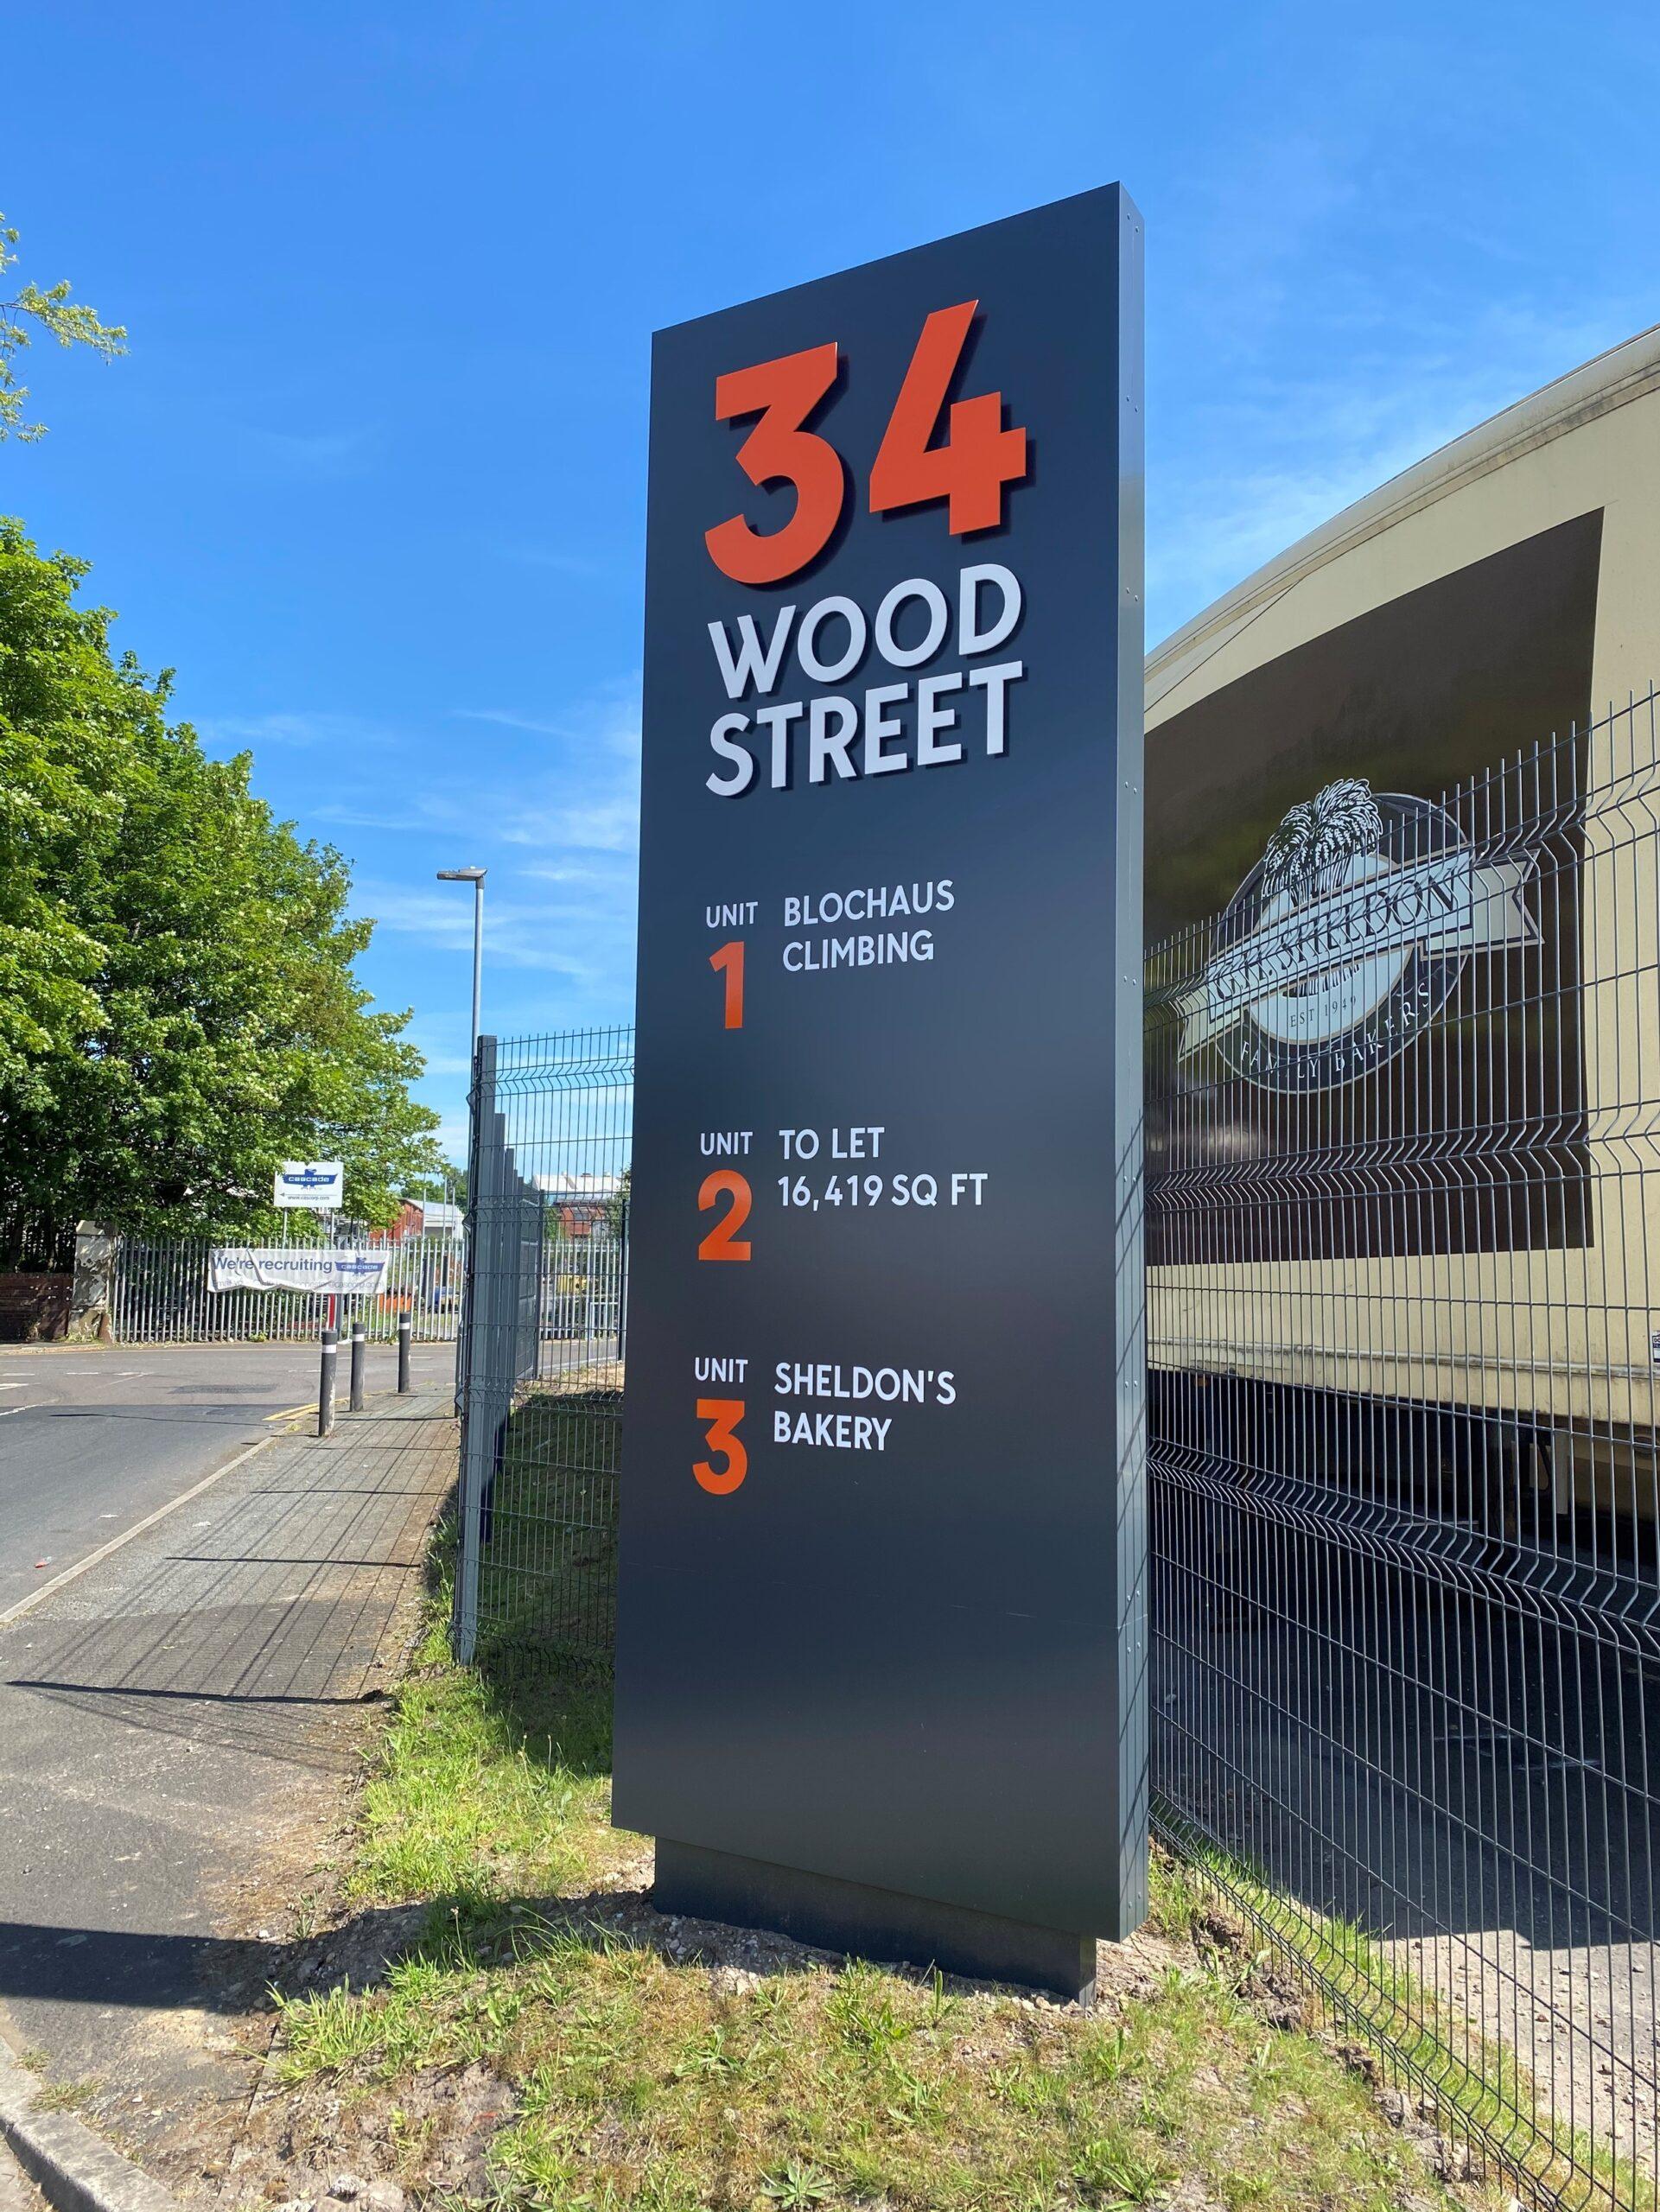 Wood Street Image 4